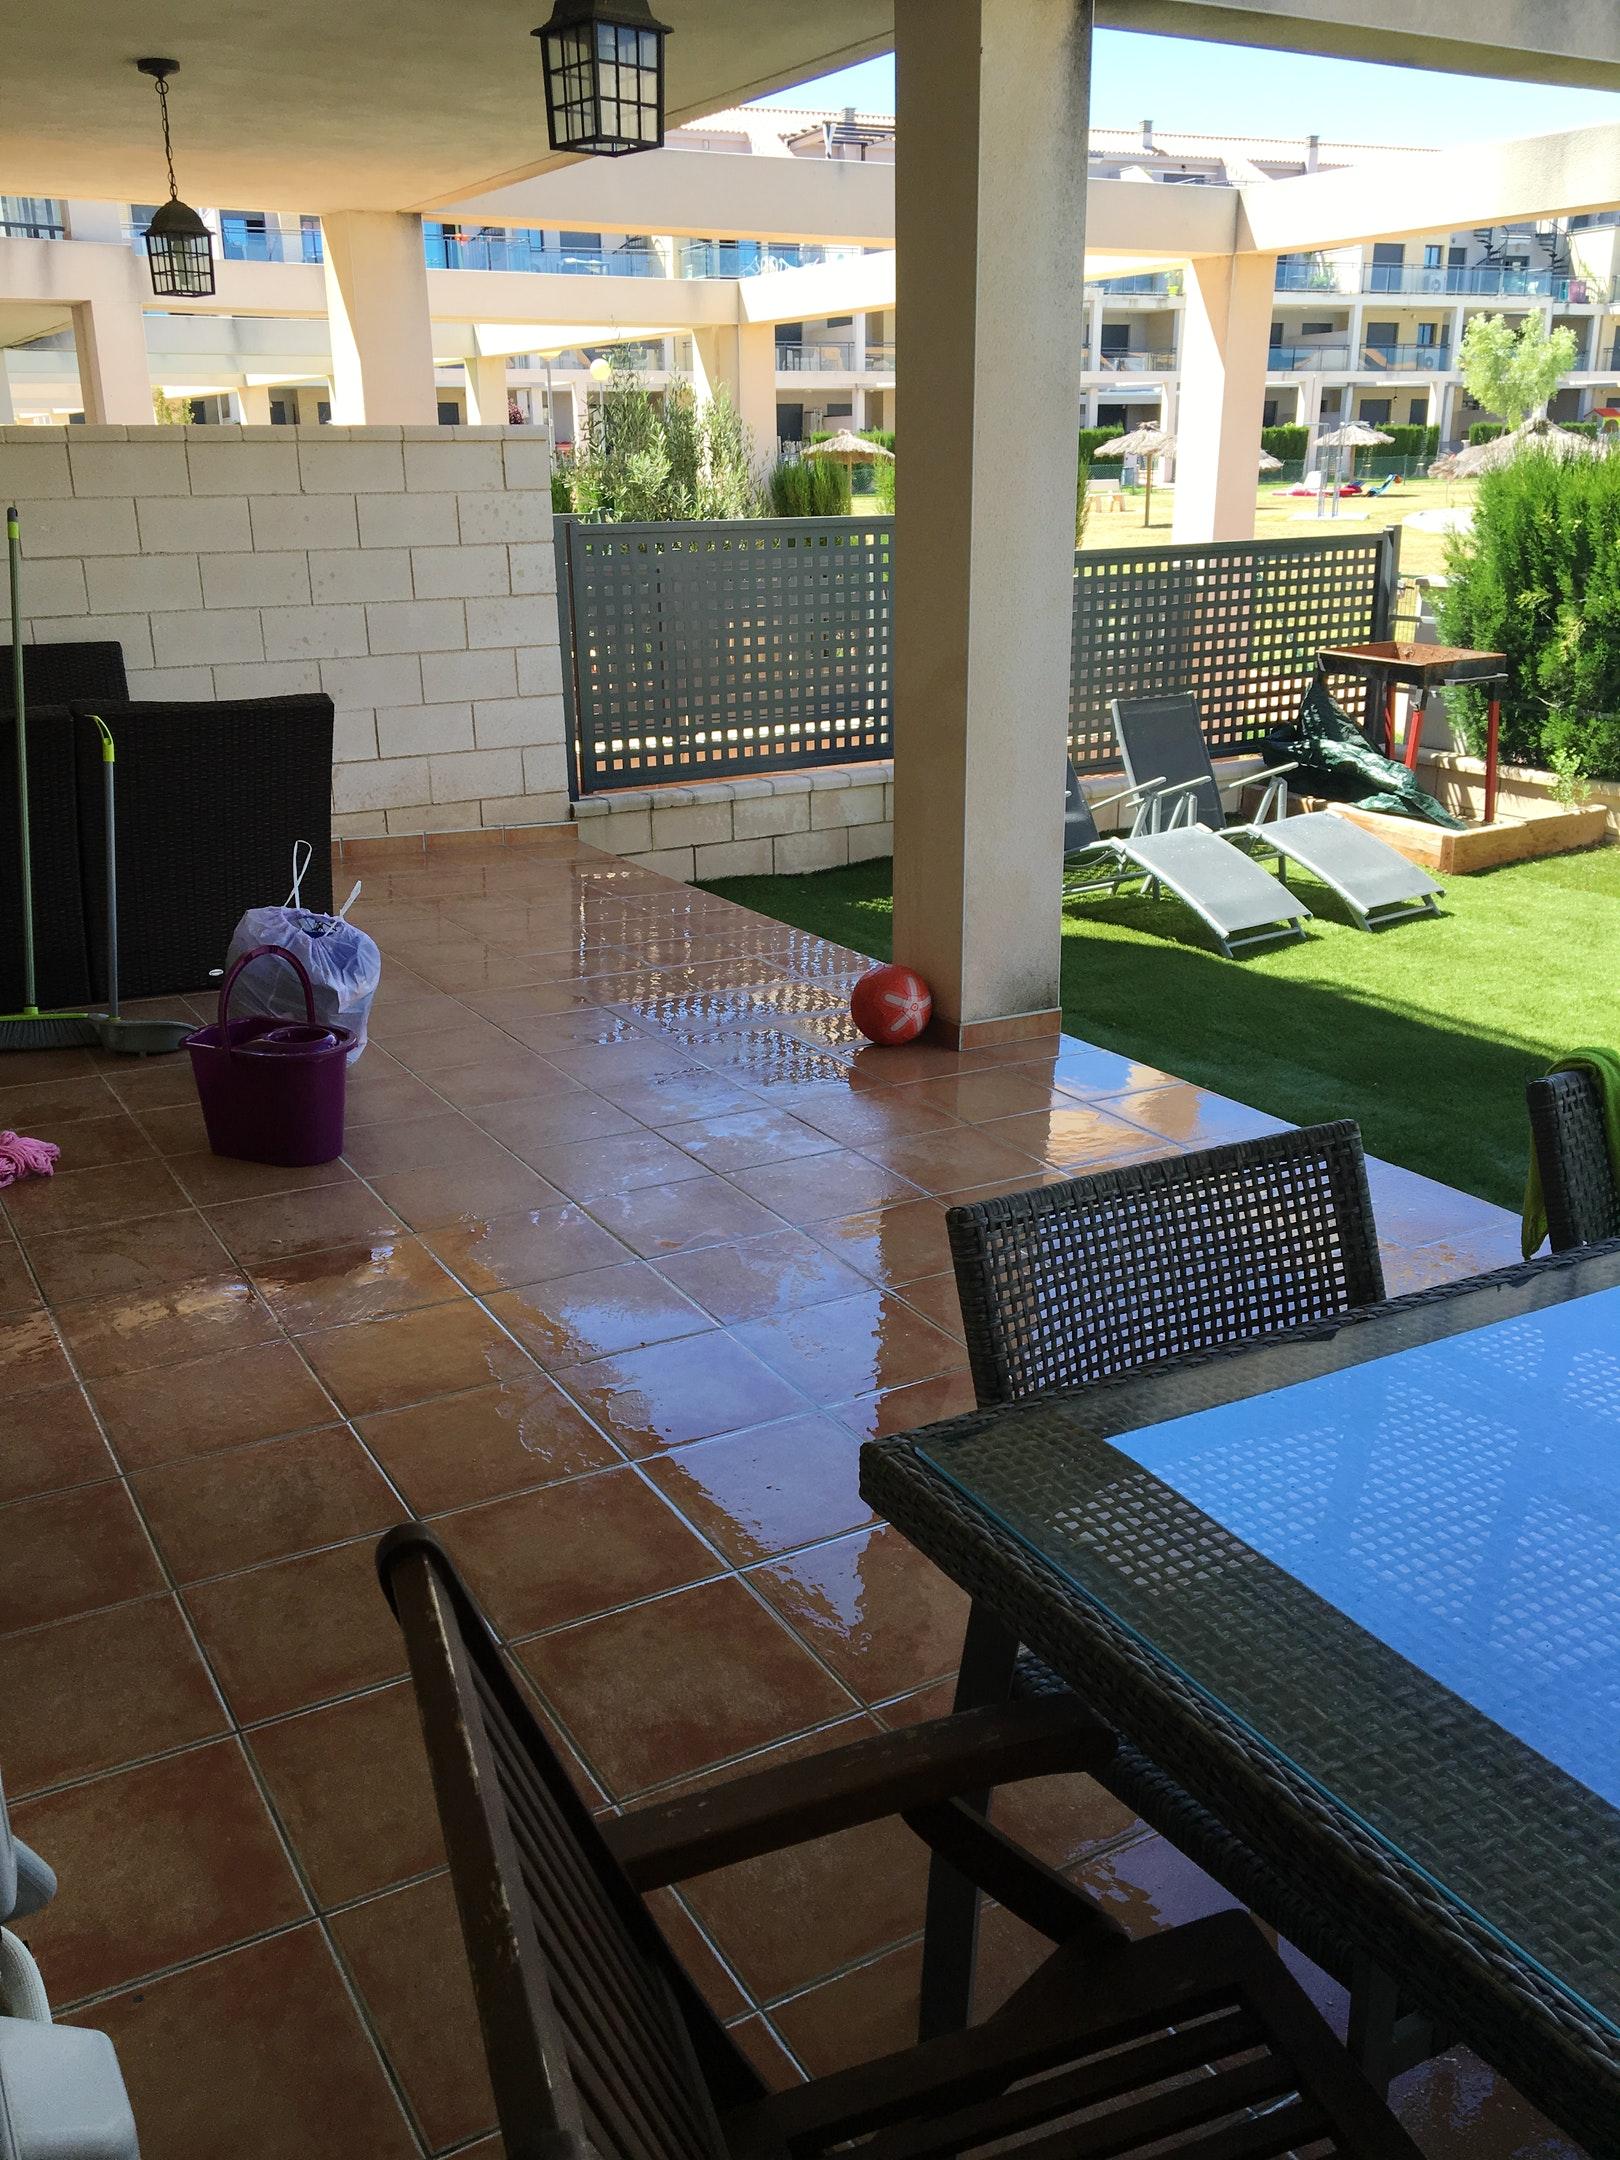 Ferienwohnung Wohnung mit 2 Schlafzimmern in San Jordi mit Pool, möblierter Terrasse und W-LAN - 25 km v (2218181), San Jorge, Provinz Castellón, Valencia, Spanien, Bild 2